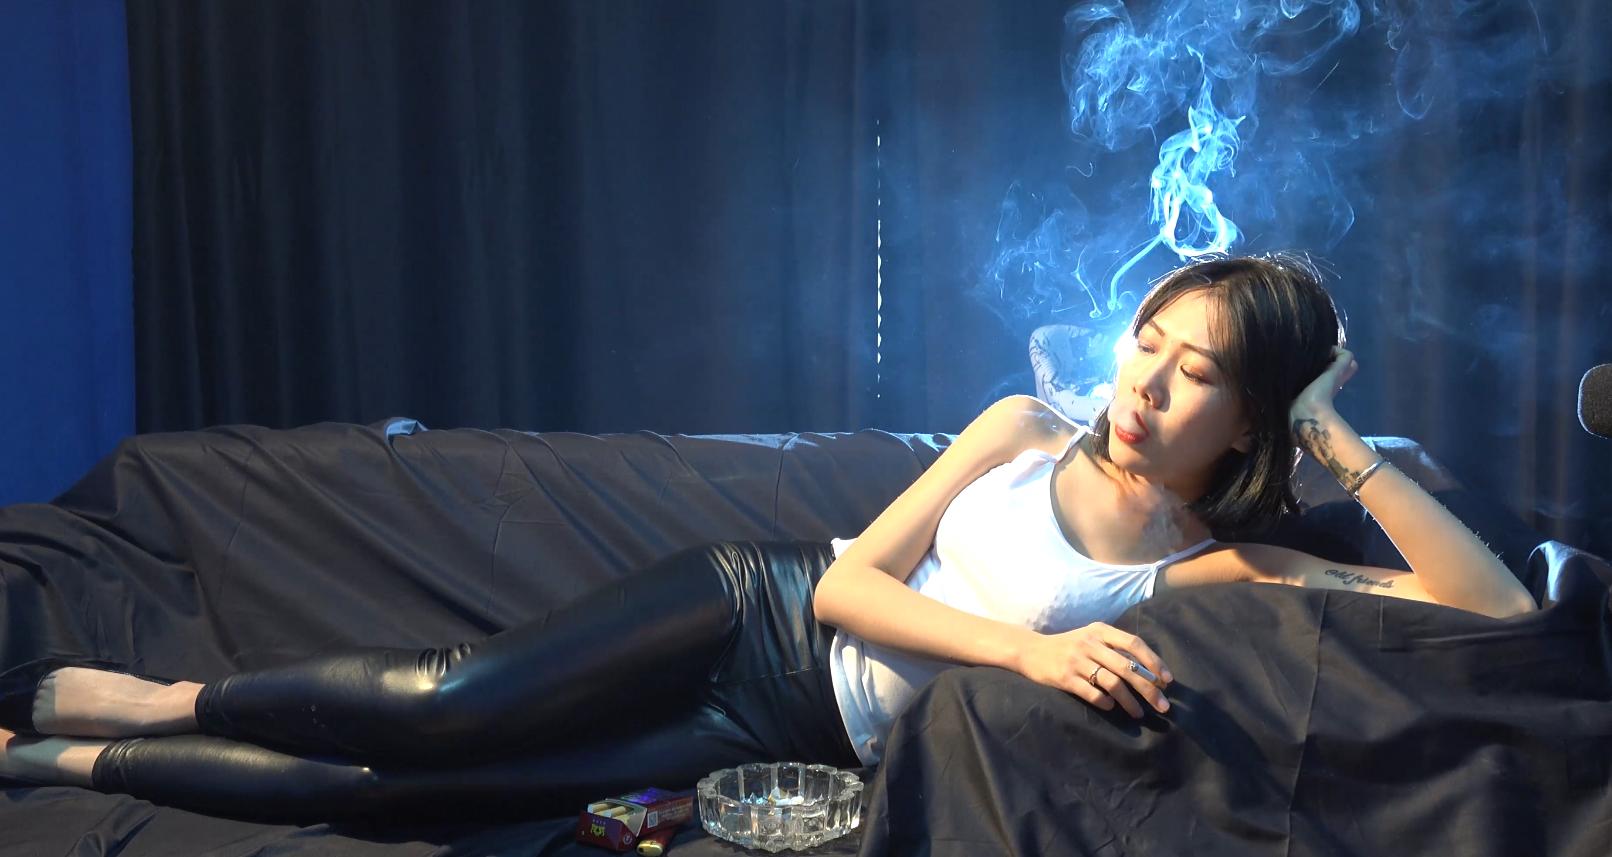 皮裤美女侧躺沙发性感抽烟